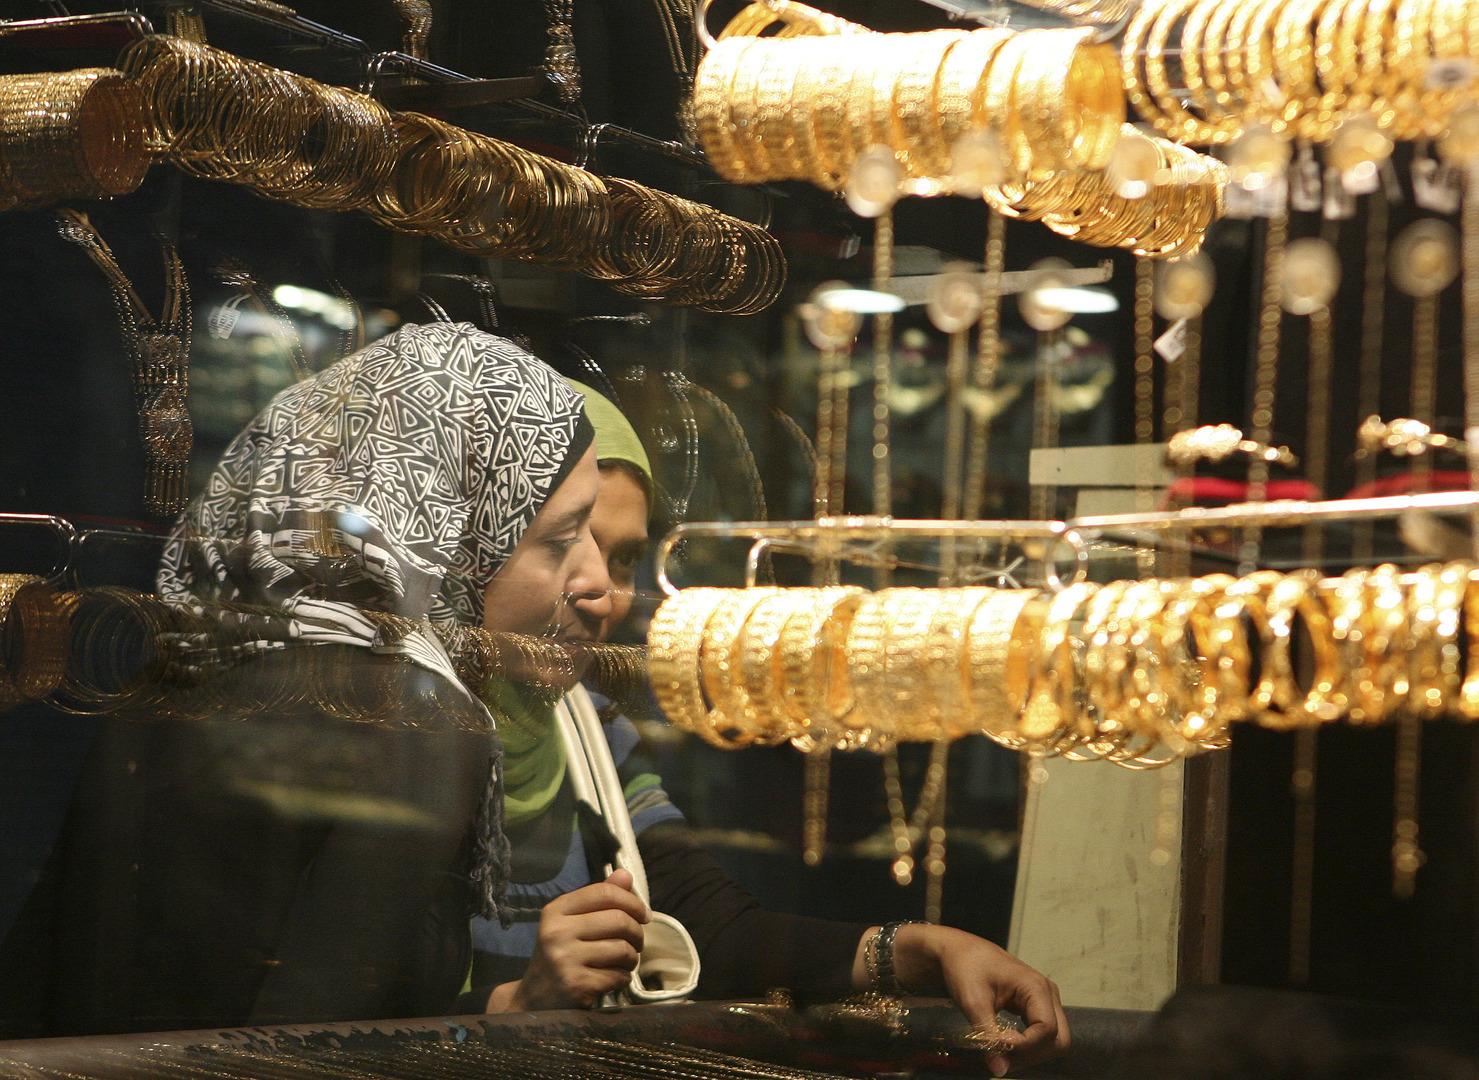 مصر.. أسعار الذهب تسجل أعلى مستوى بتاريخها